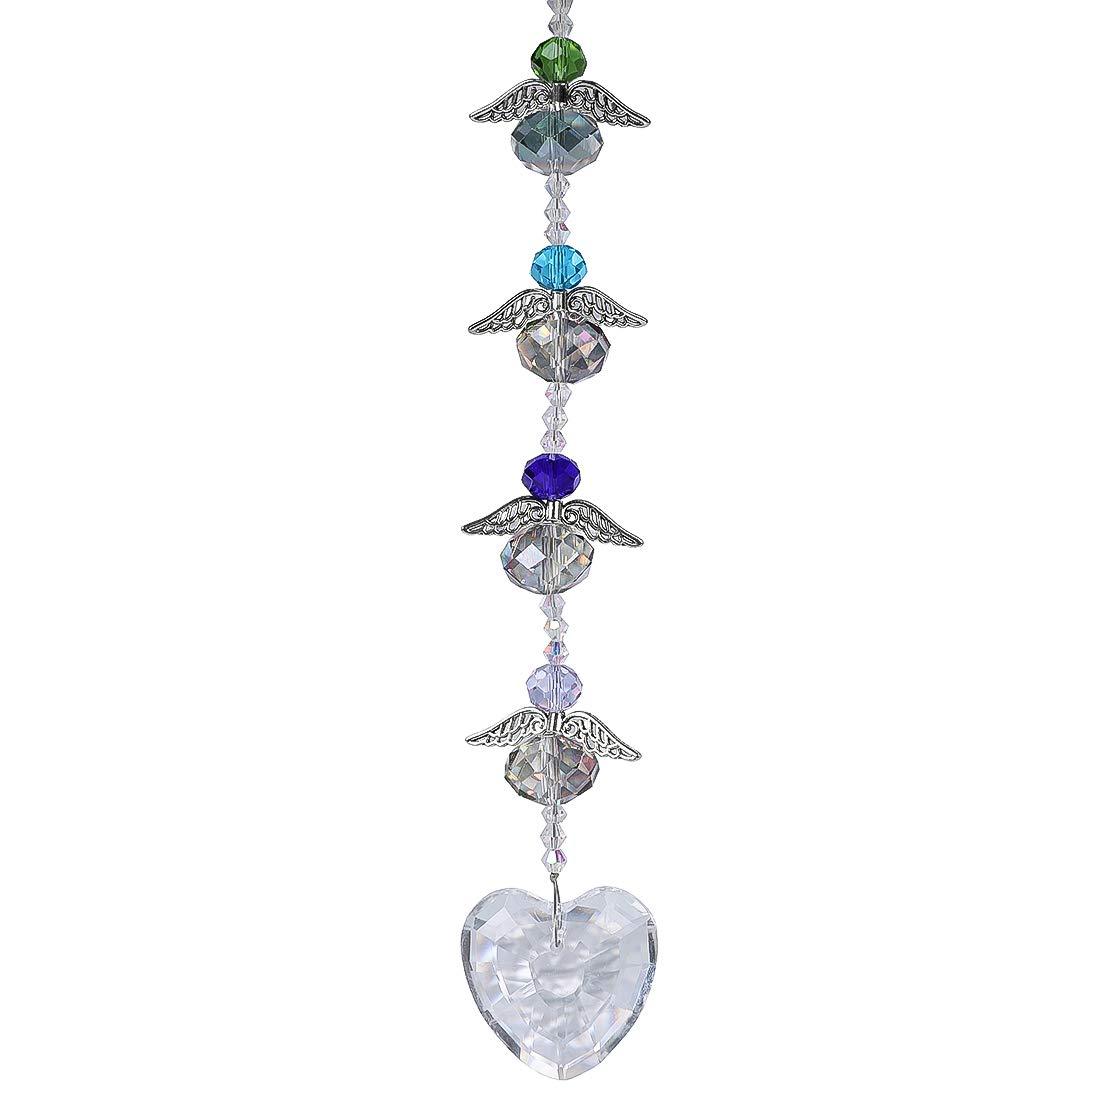 H& D Kristall Handschleifer Anhänger/hängend / Pendel mit klarem Herz und 4 Kleinen Engeln, um als Fenster Dekoration und Raumpendel zu hängen